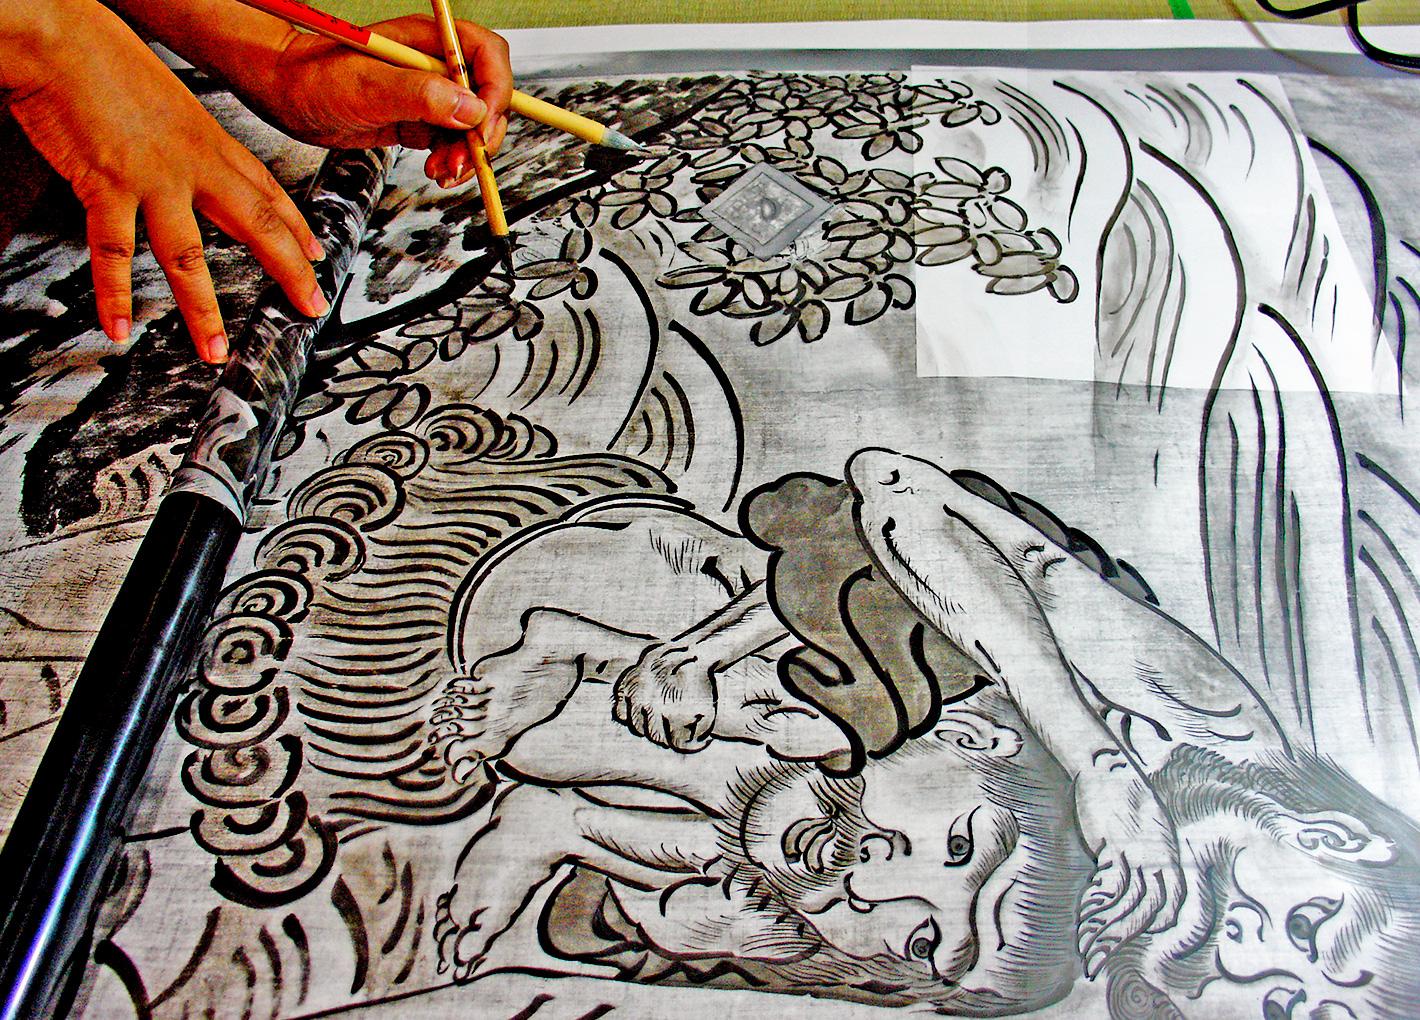 京都御所清涼殿荒海障子模写画制作